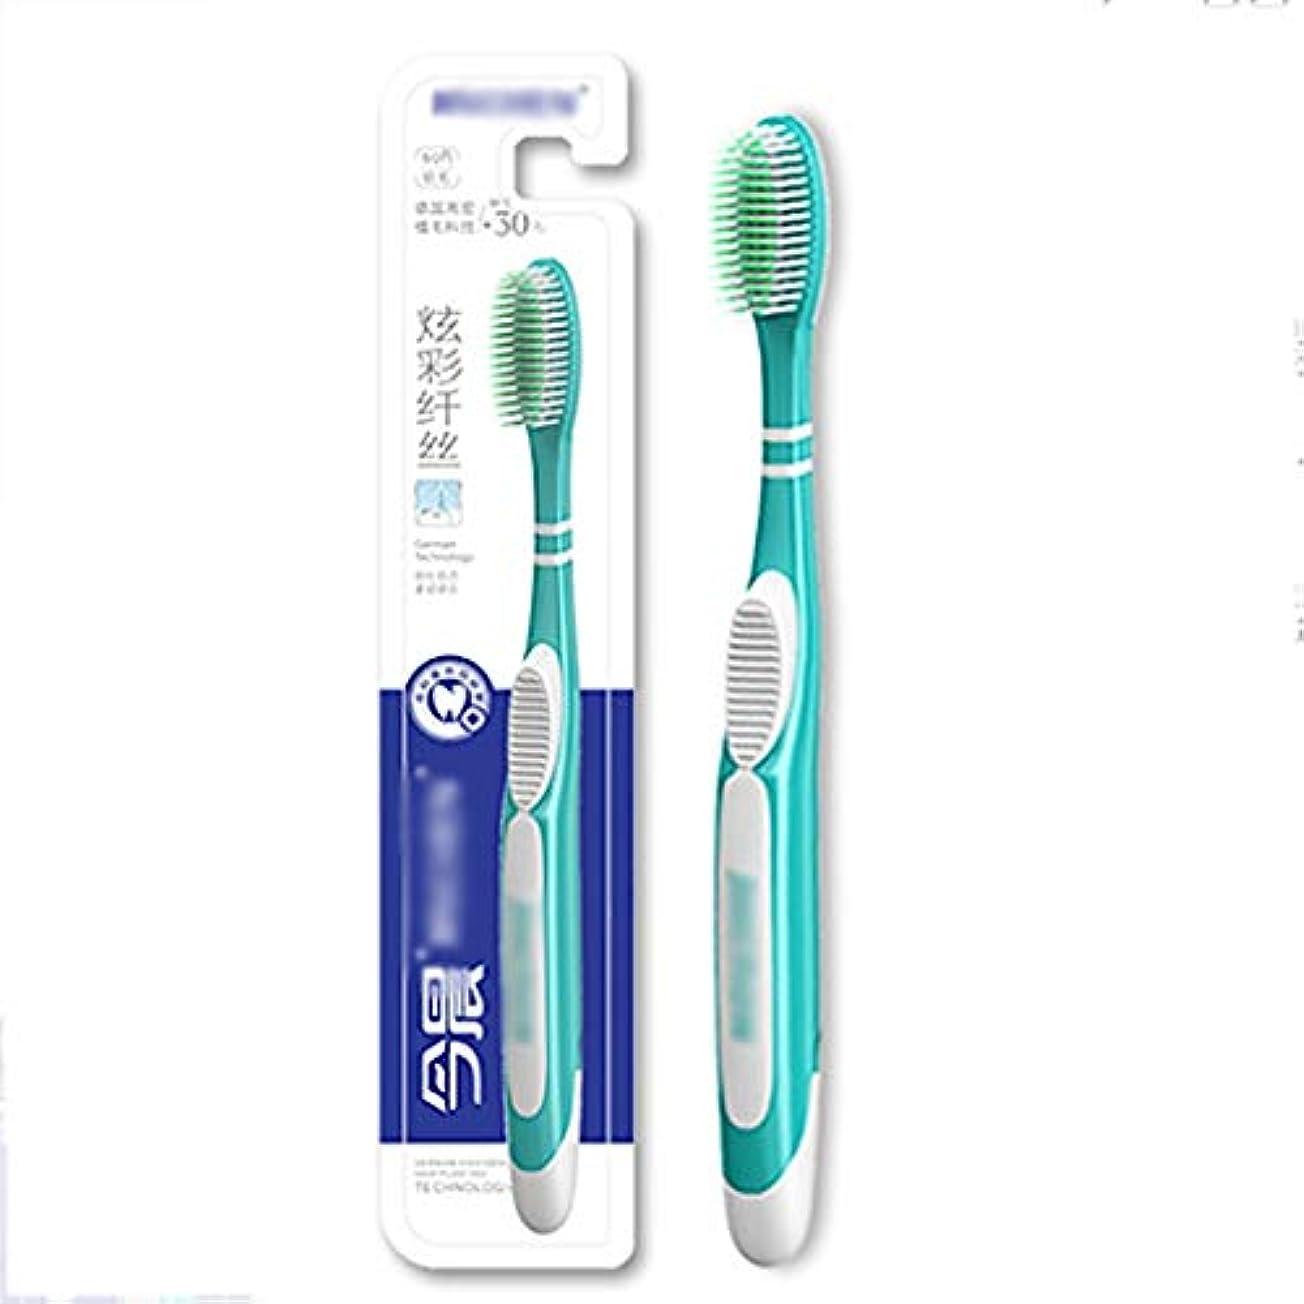 安息夜の動物園まとめる歯ブラシの効率的な洗浄、ノンスリップハンドル歯ブラシ、10パック(ランダムカラー)